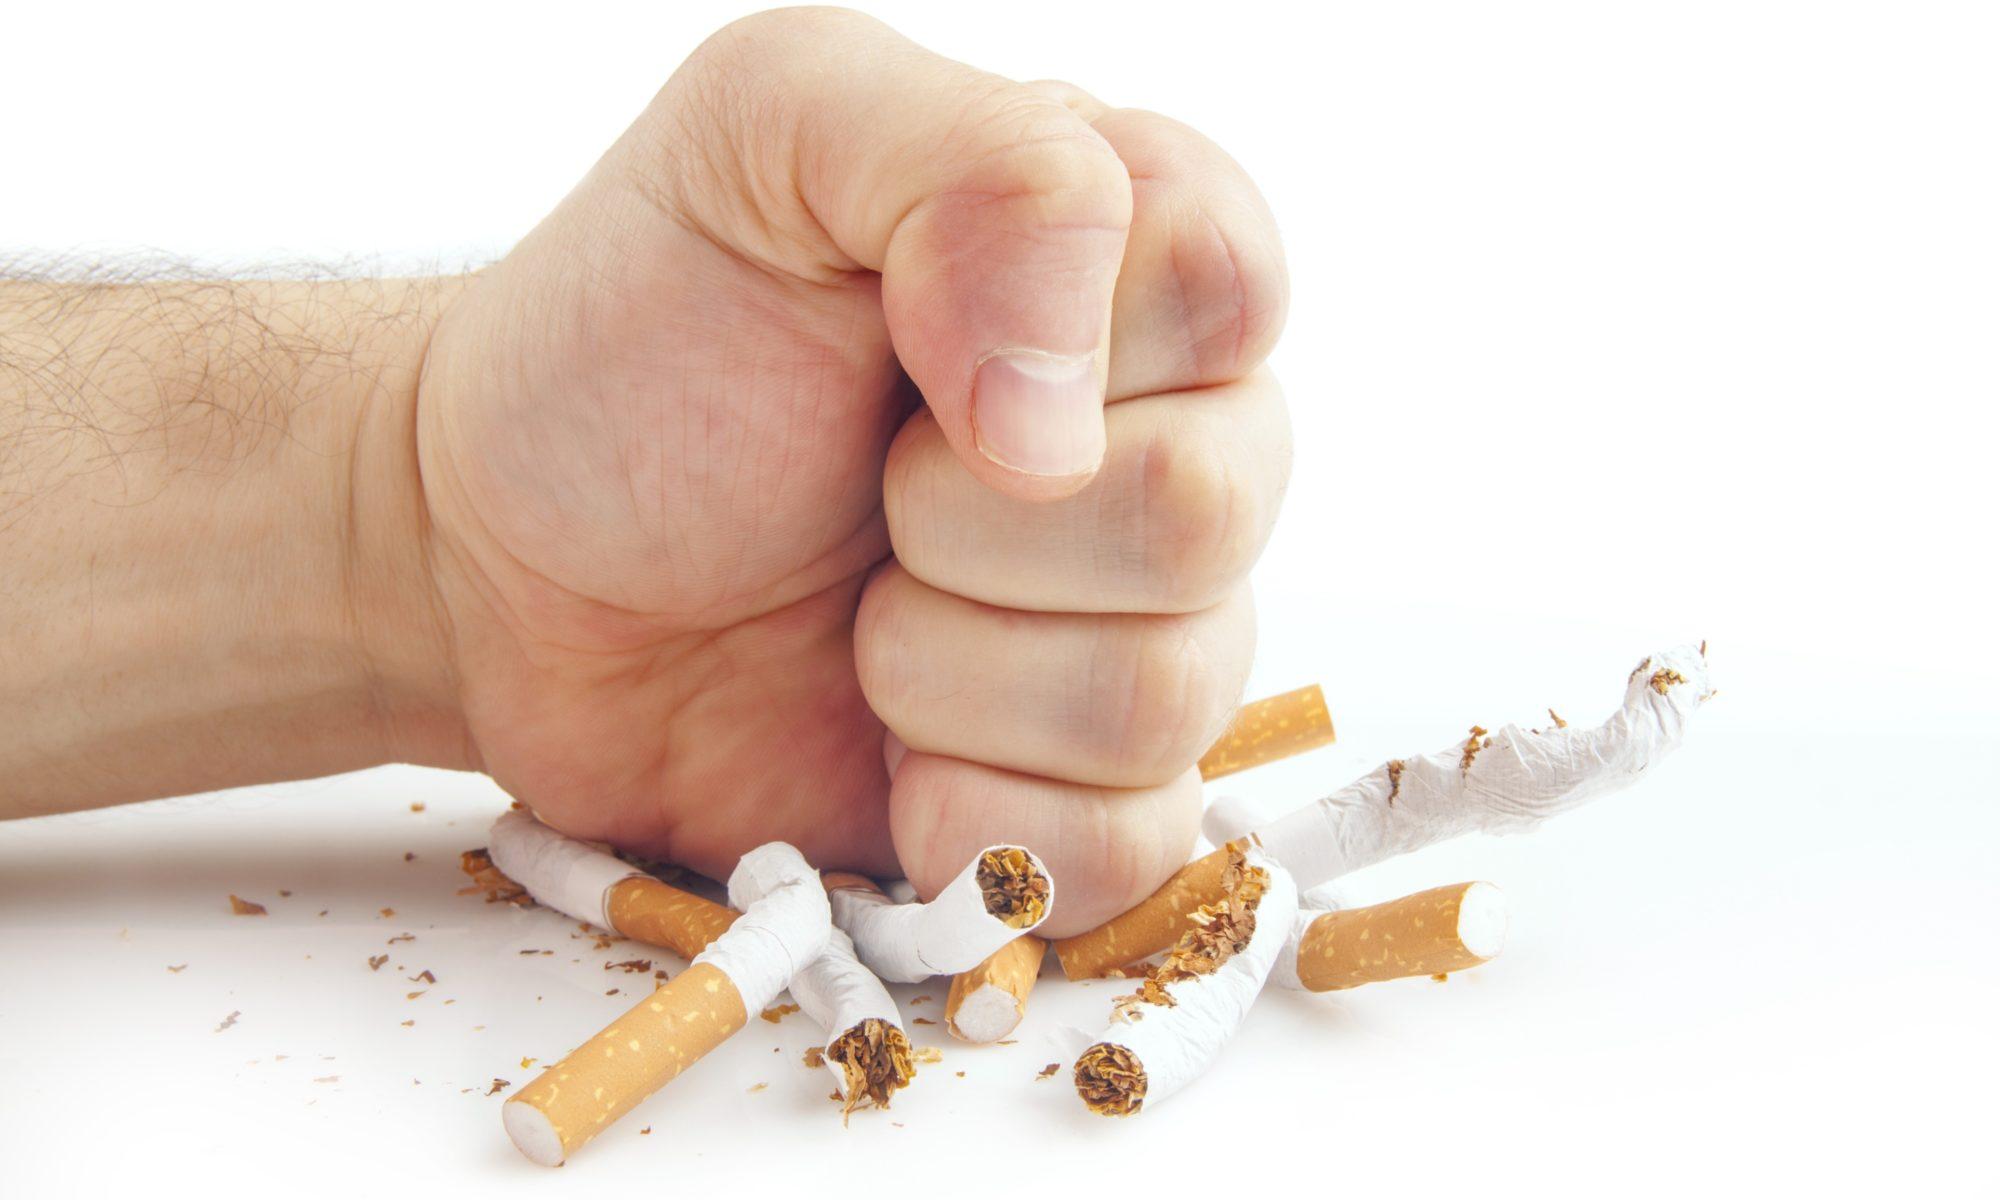 ماذا يحدث للجسم عند الإقلاع عن التدخين؟